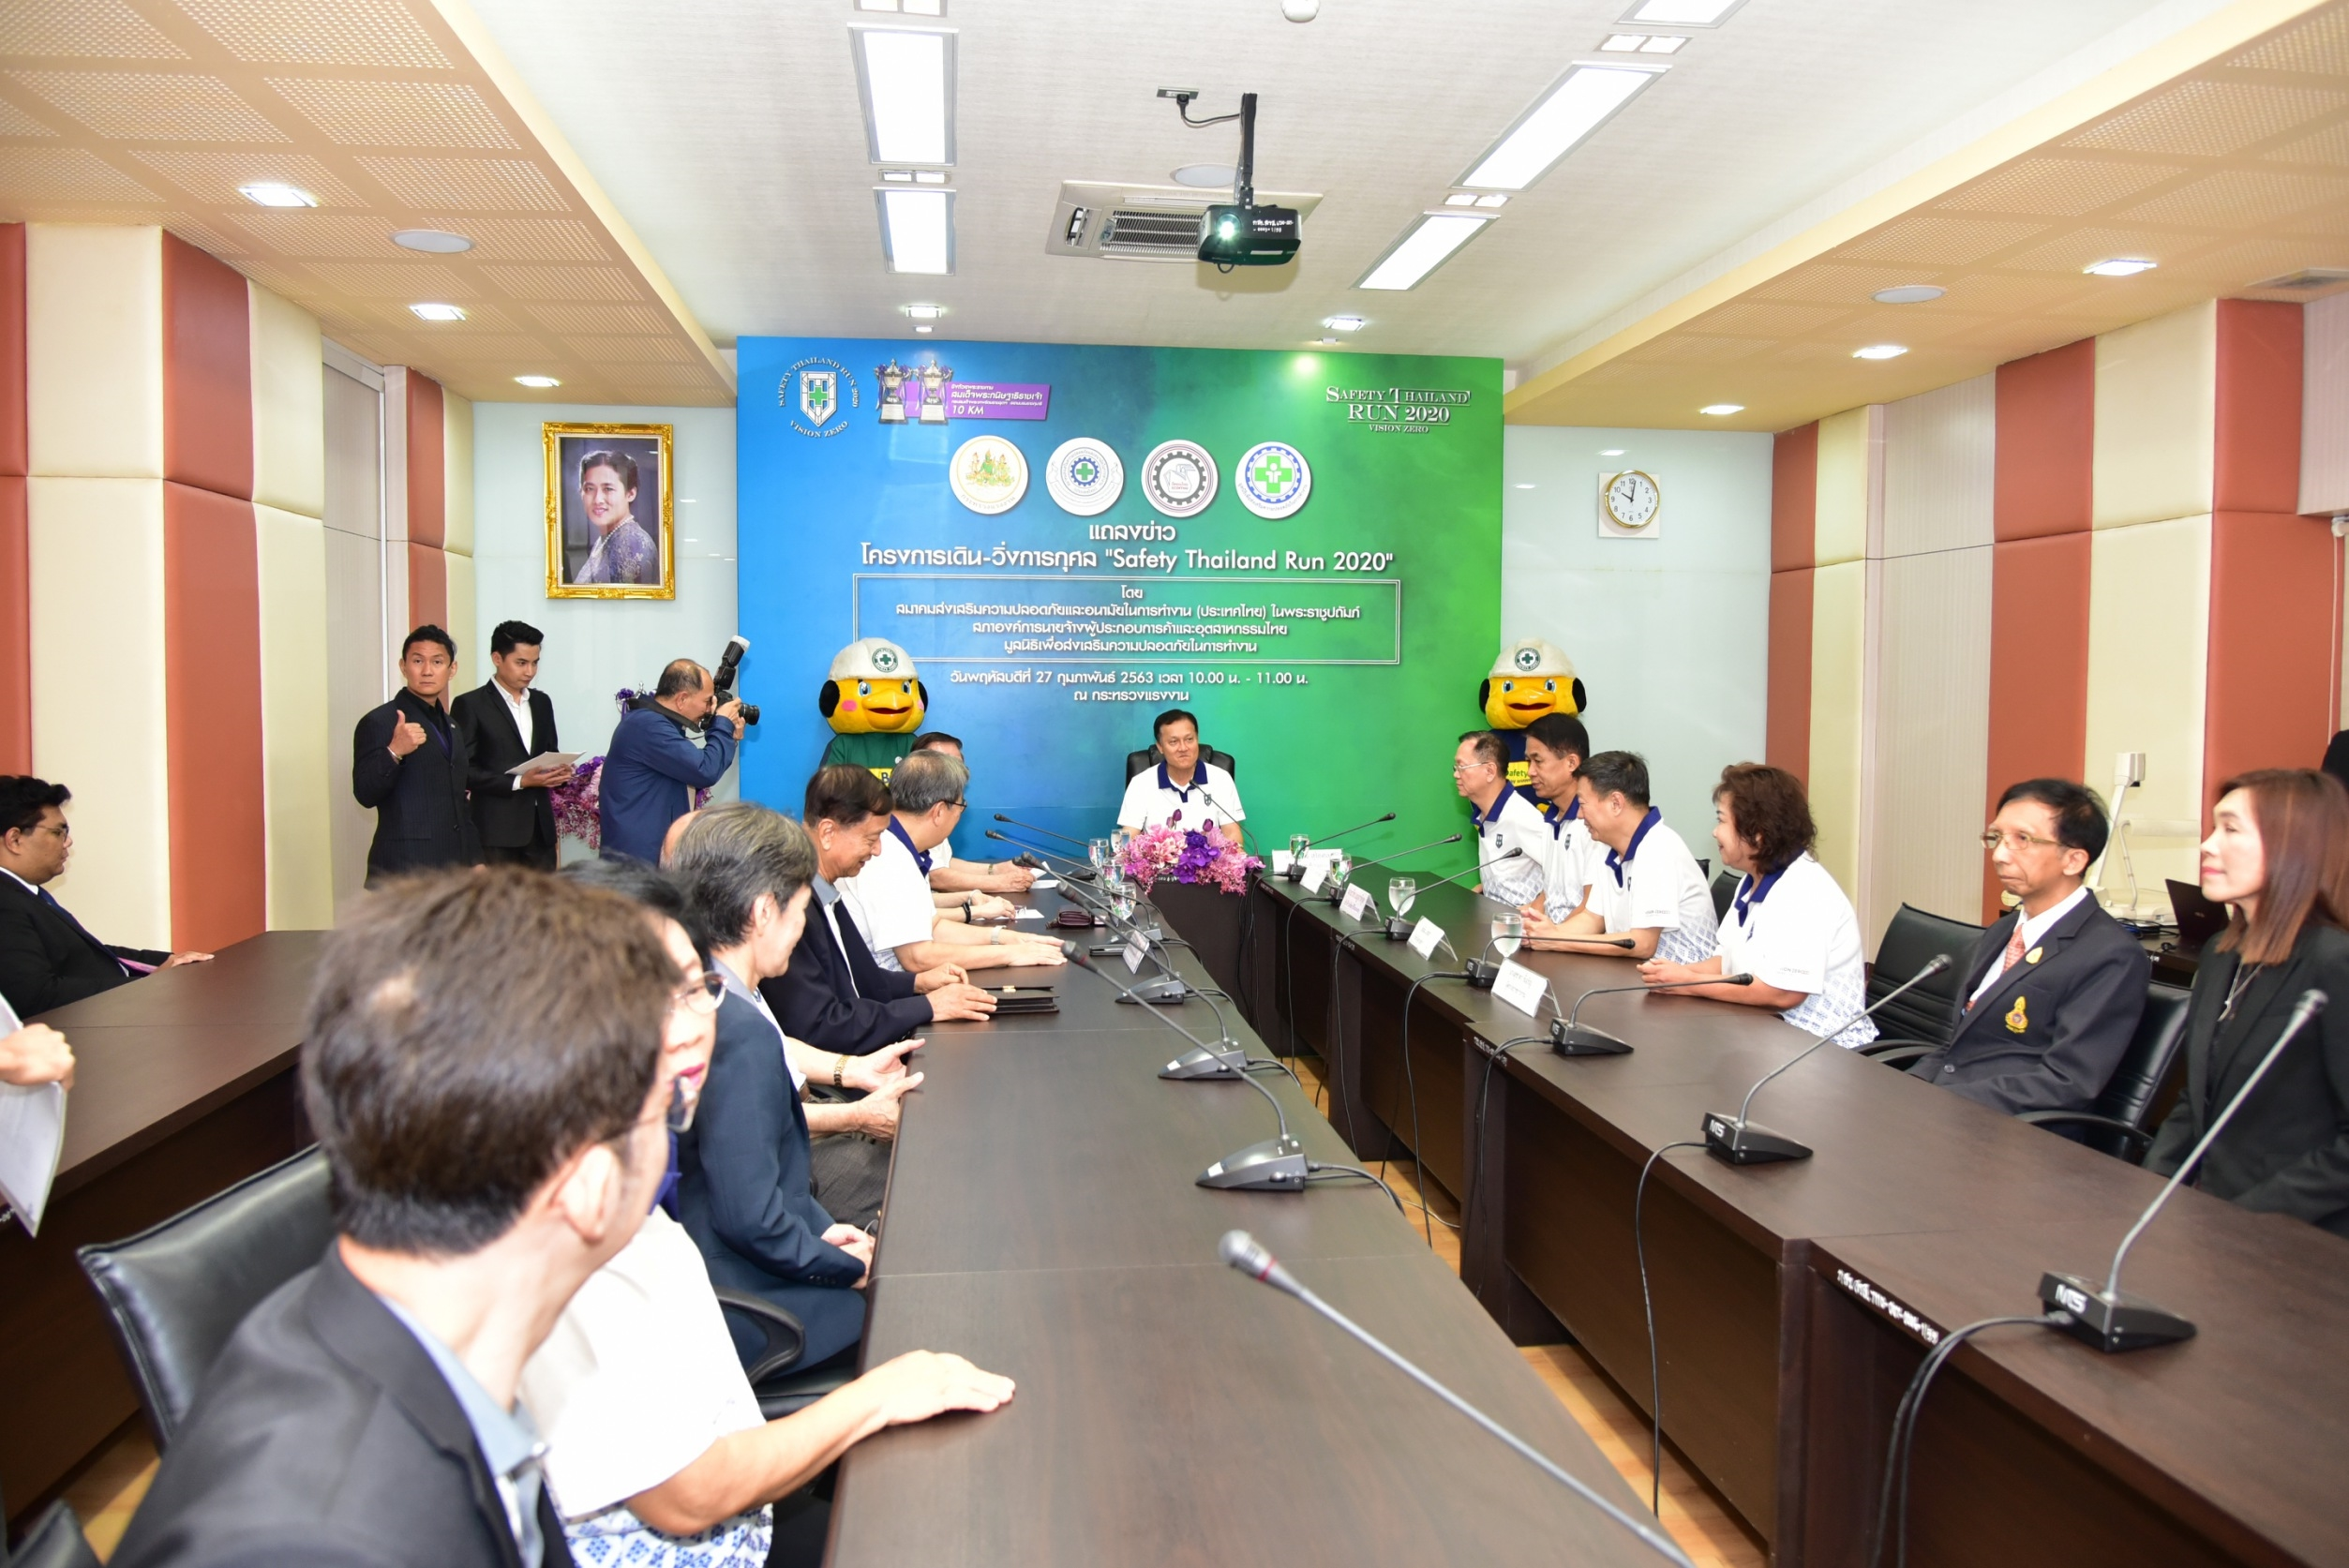 """อธิบดีกรมการจัดหางาน ร่วมงานแถลงข่าวโครงการเดิน-วิ่งการกุศล """"Safety Thailand Run 2020"""" ครั้งที่ 1"""